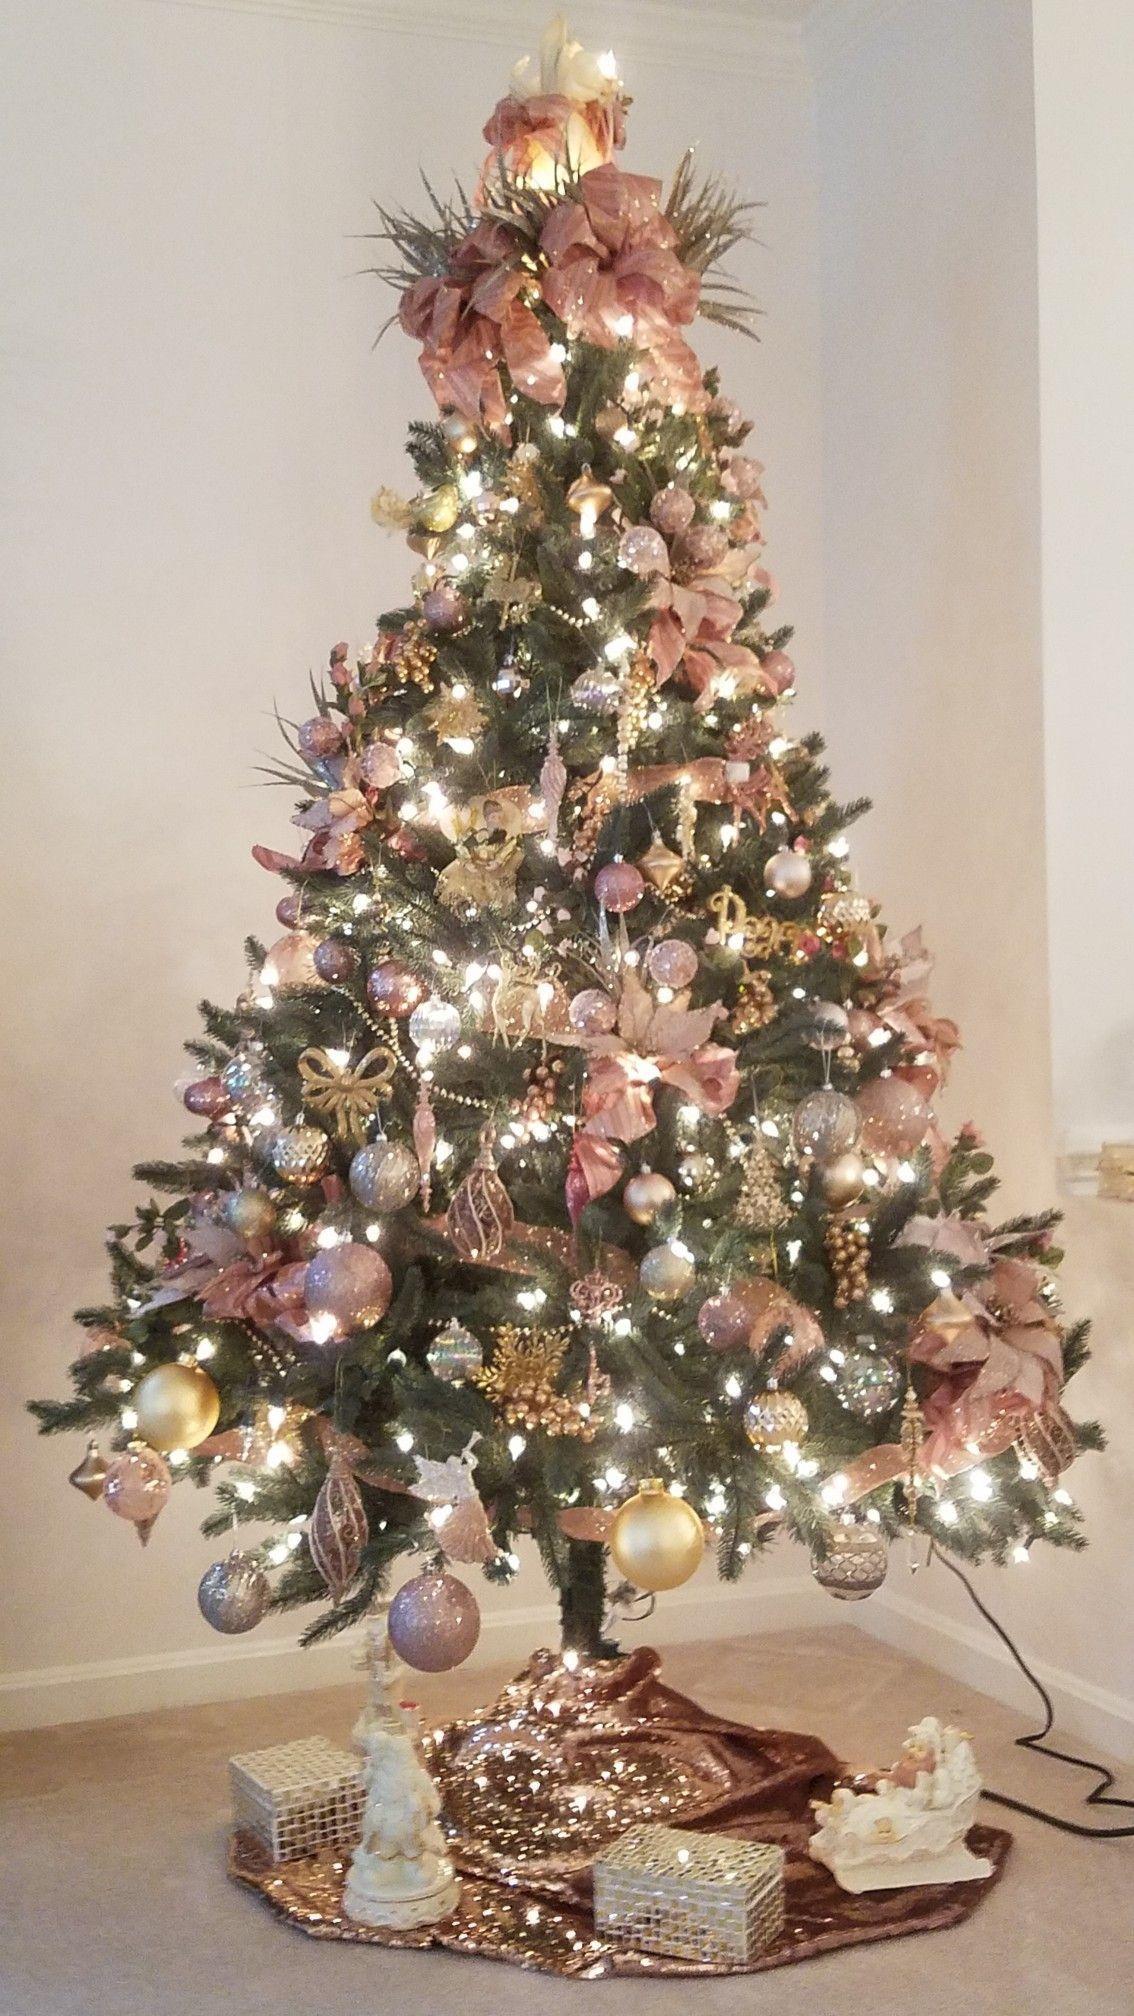 Pin Van Alejandra Velazquez Op Kerstboom Gouden Kerst Thema Kerstbomen Roze Kerst